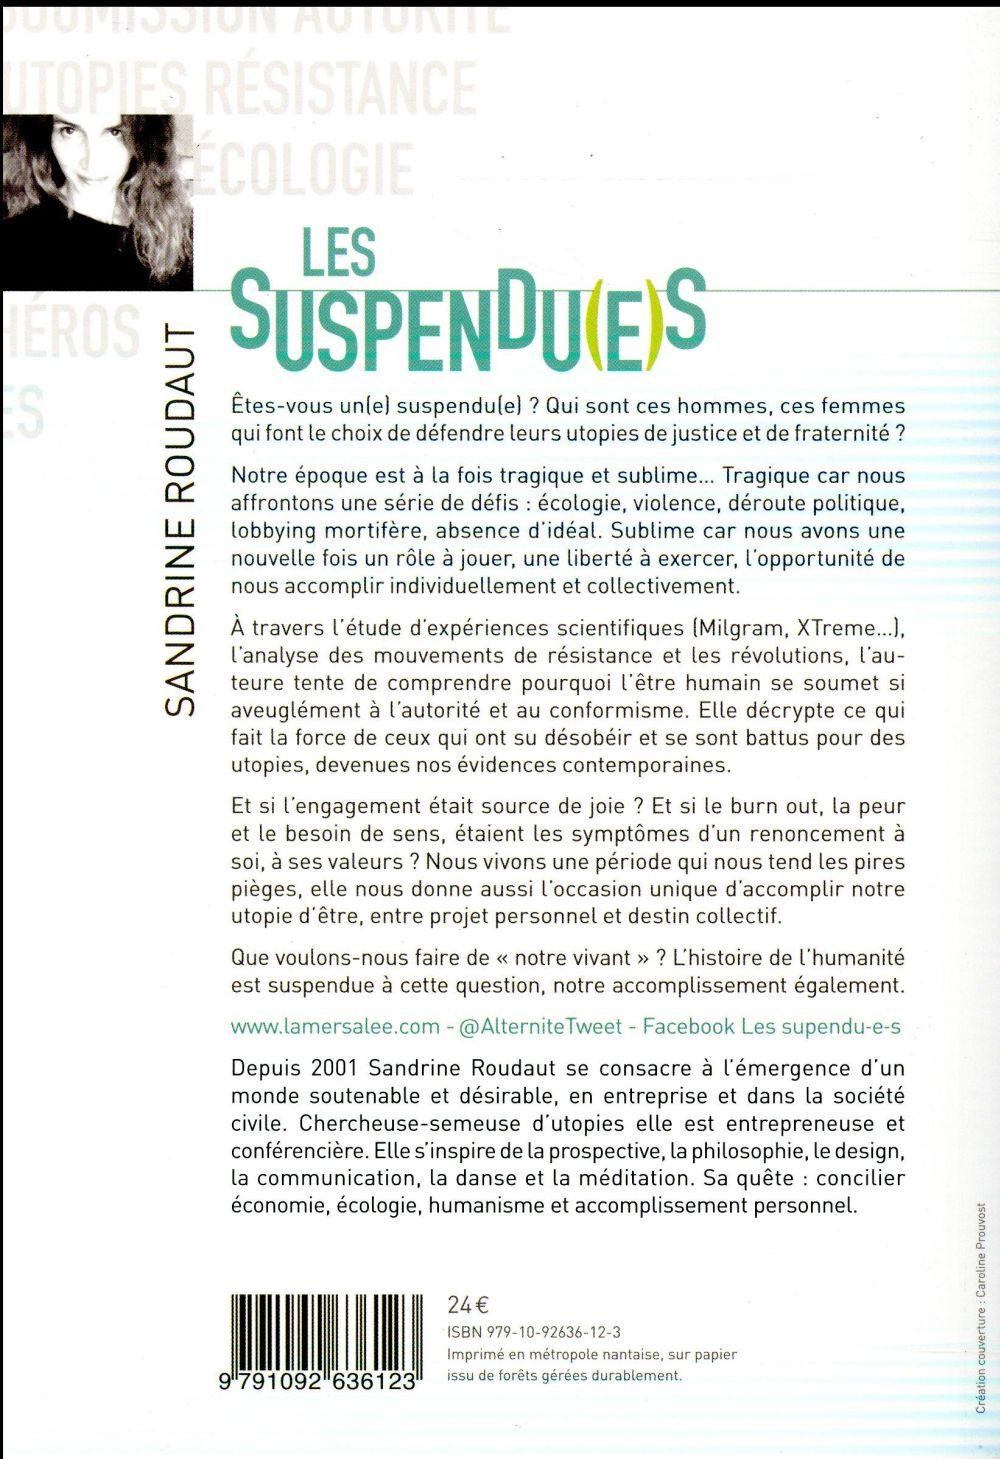 Les suspendu(e)s ; utopistes, insoumis, désobéissants, ils écrivent demain et s'accomplissent